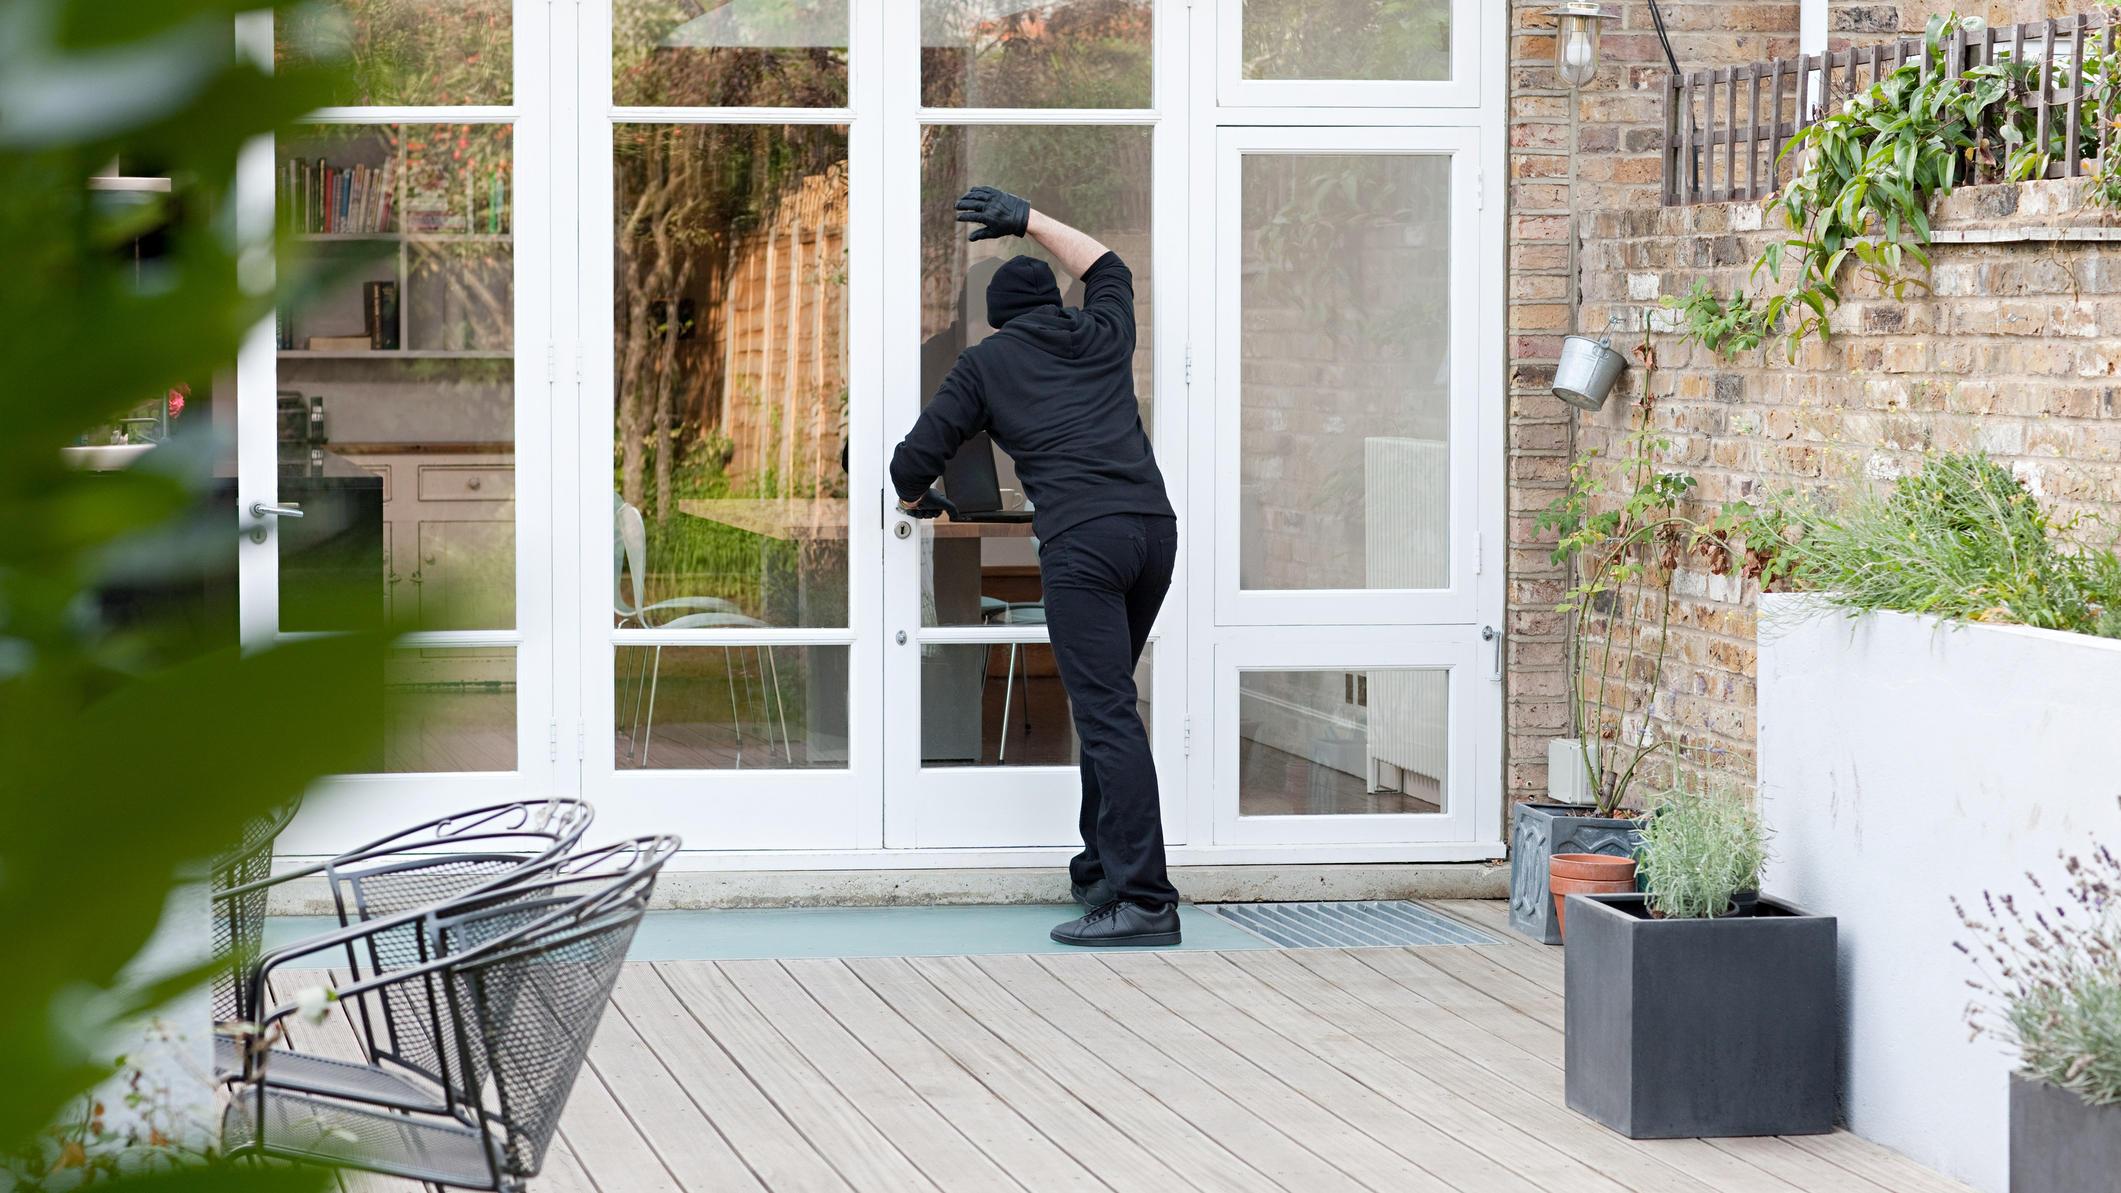 einbruchsschutz muss nicht teuer sein diese tipps helfen gegen einbrecher. Black Bedroom Furniture Sets. Home Design Ideas